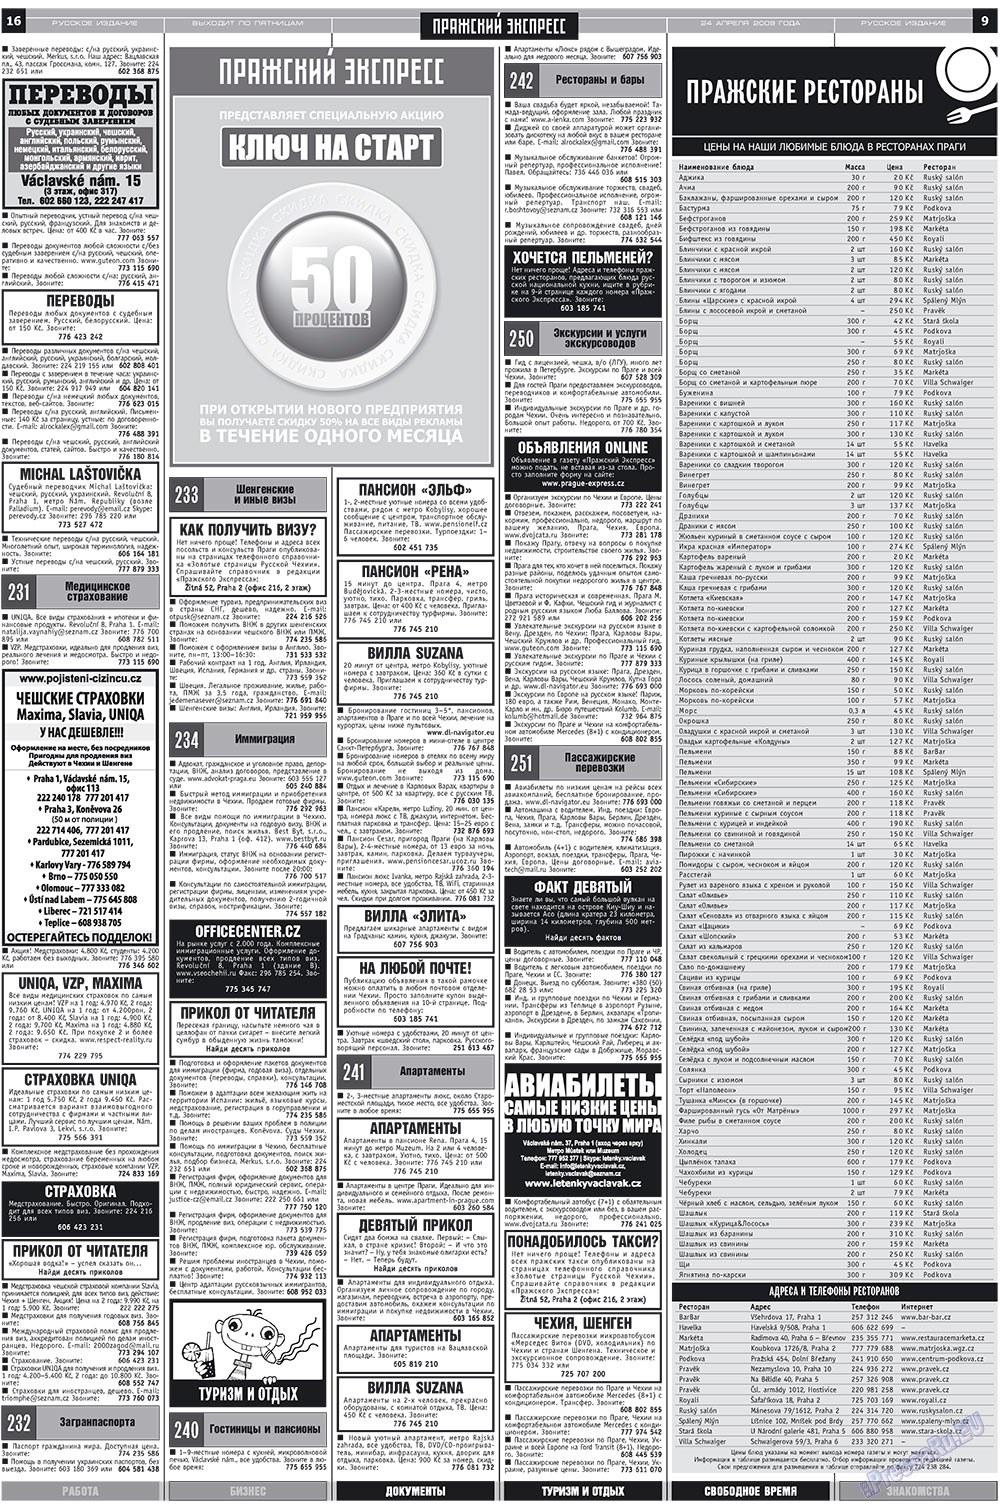 Пражский экспресс (газета). 2009 год, номер 16, стр. 9